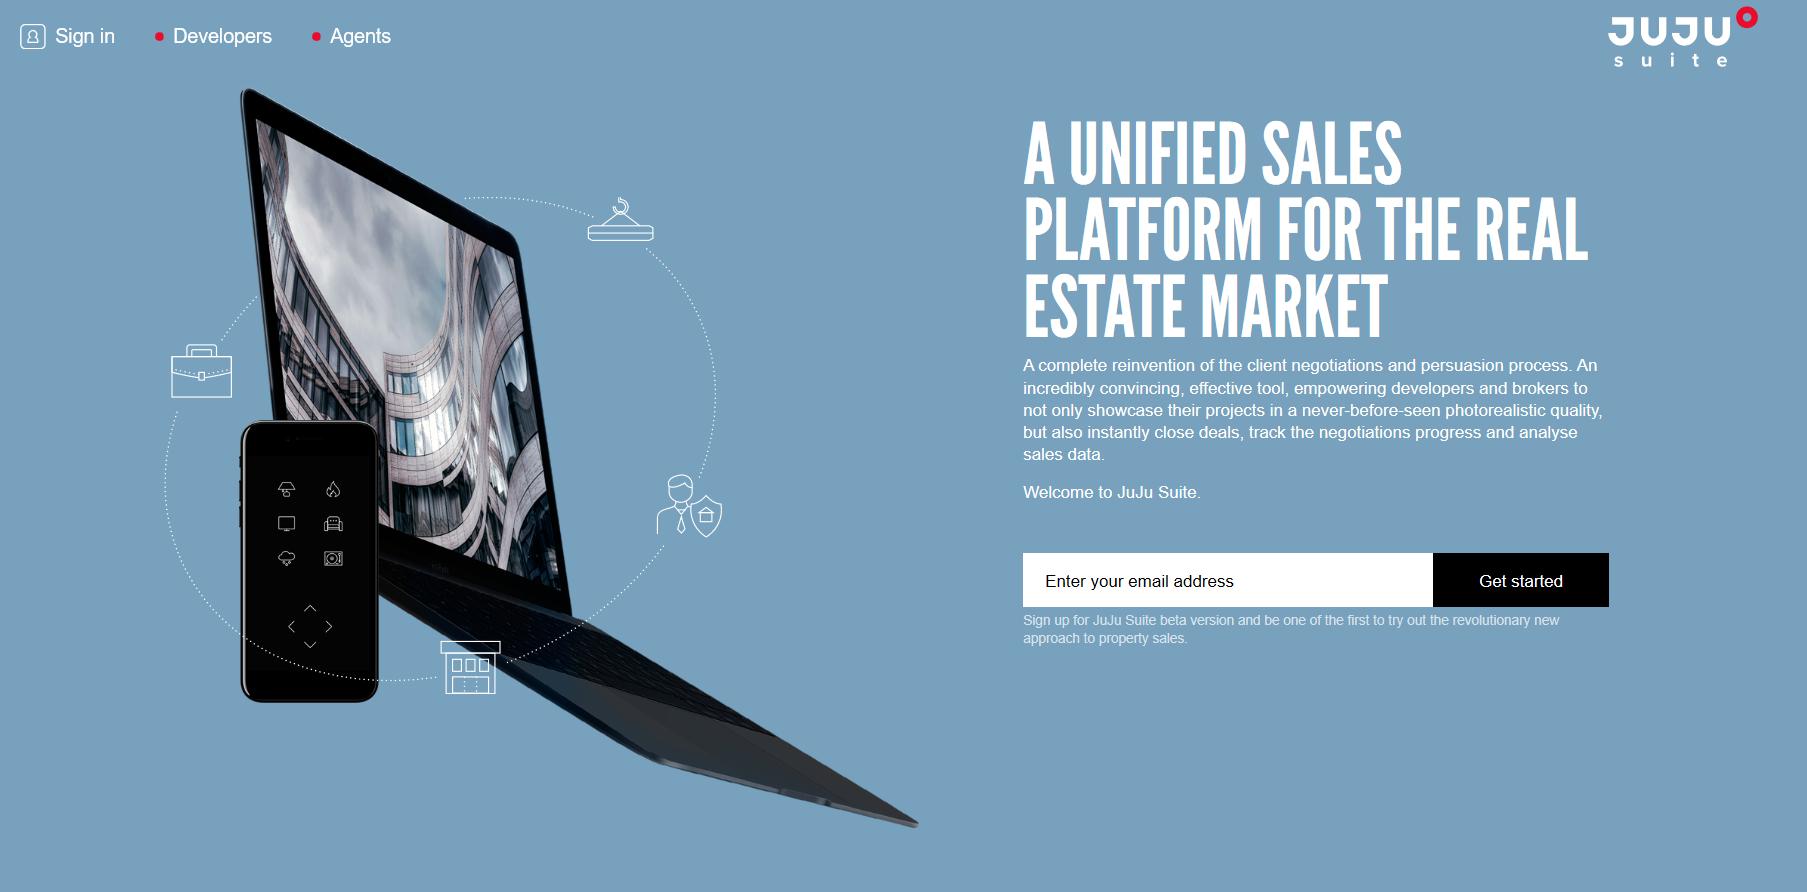 JuJu Suite property sales platform